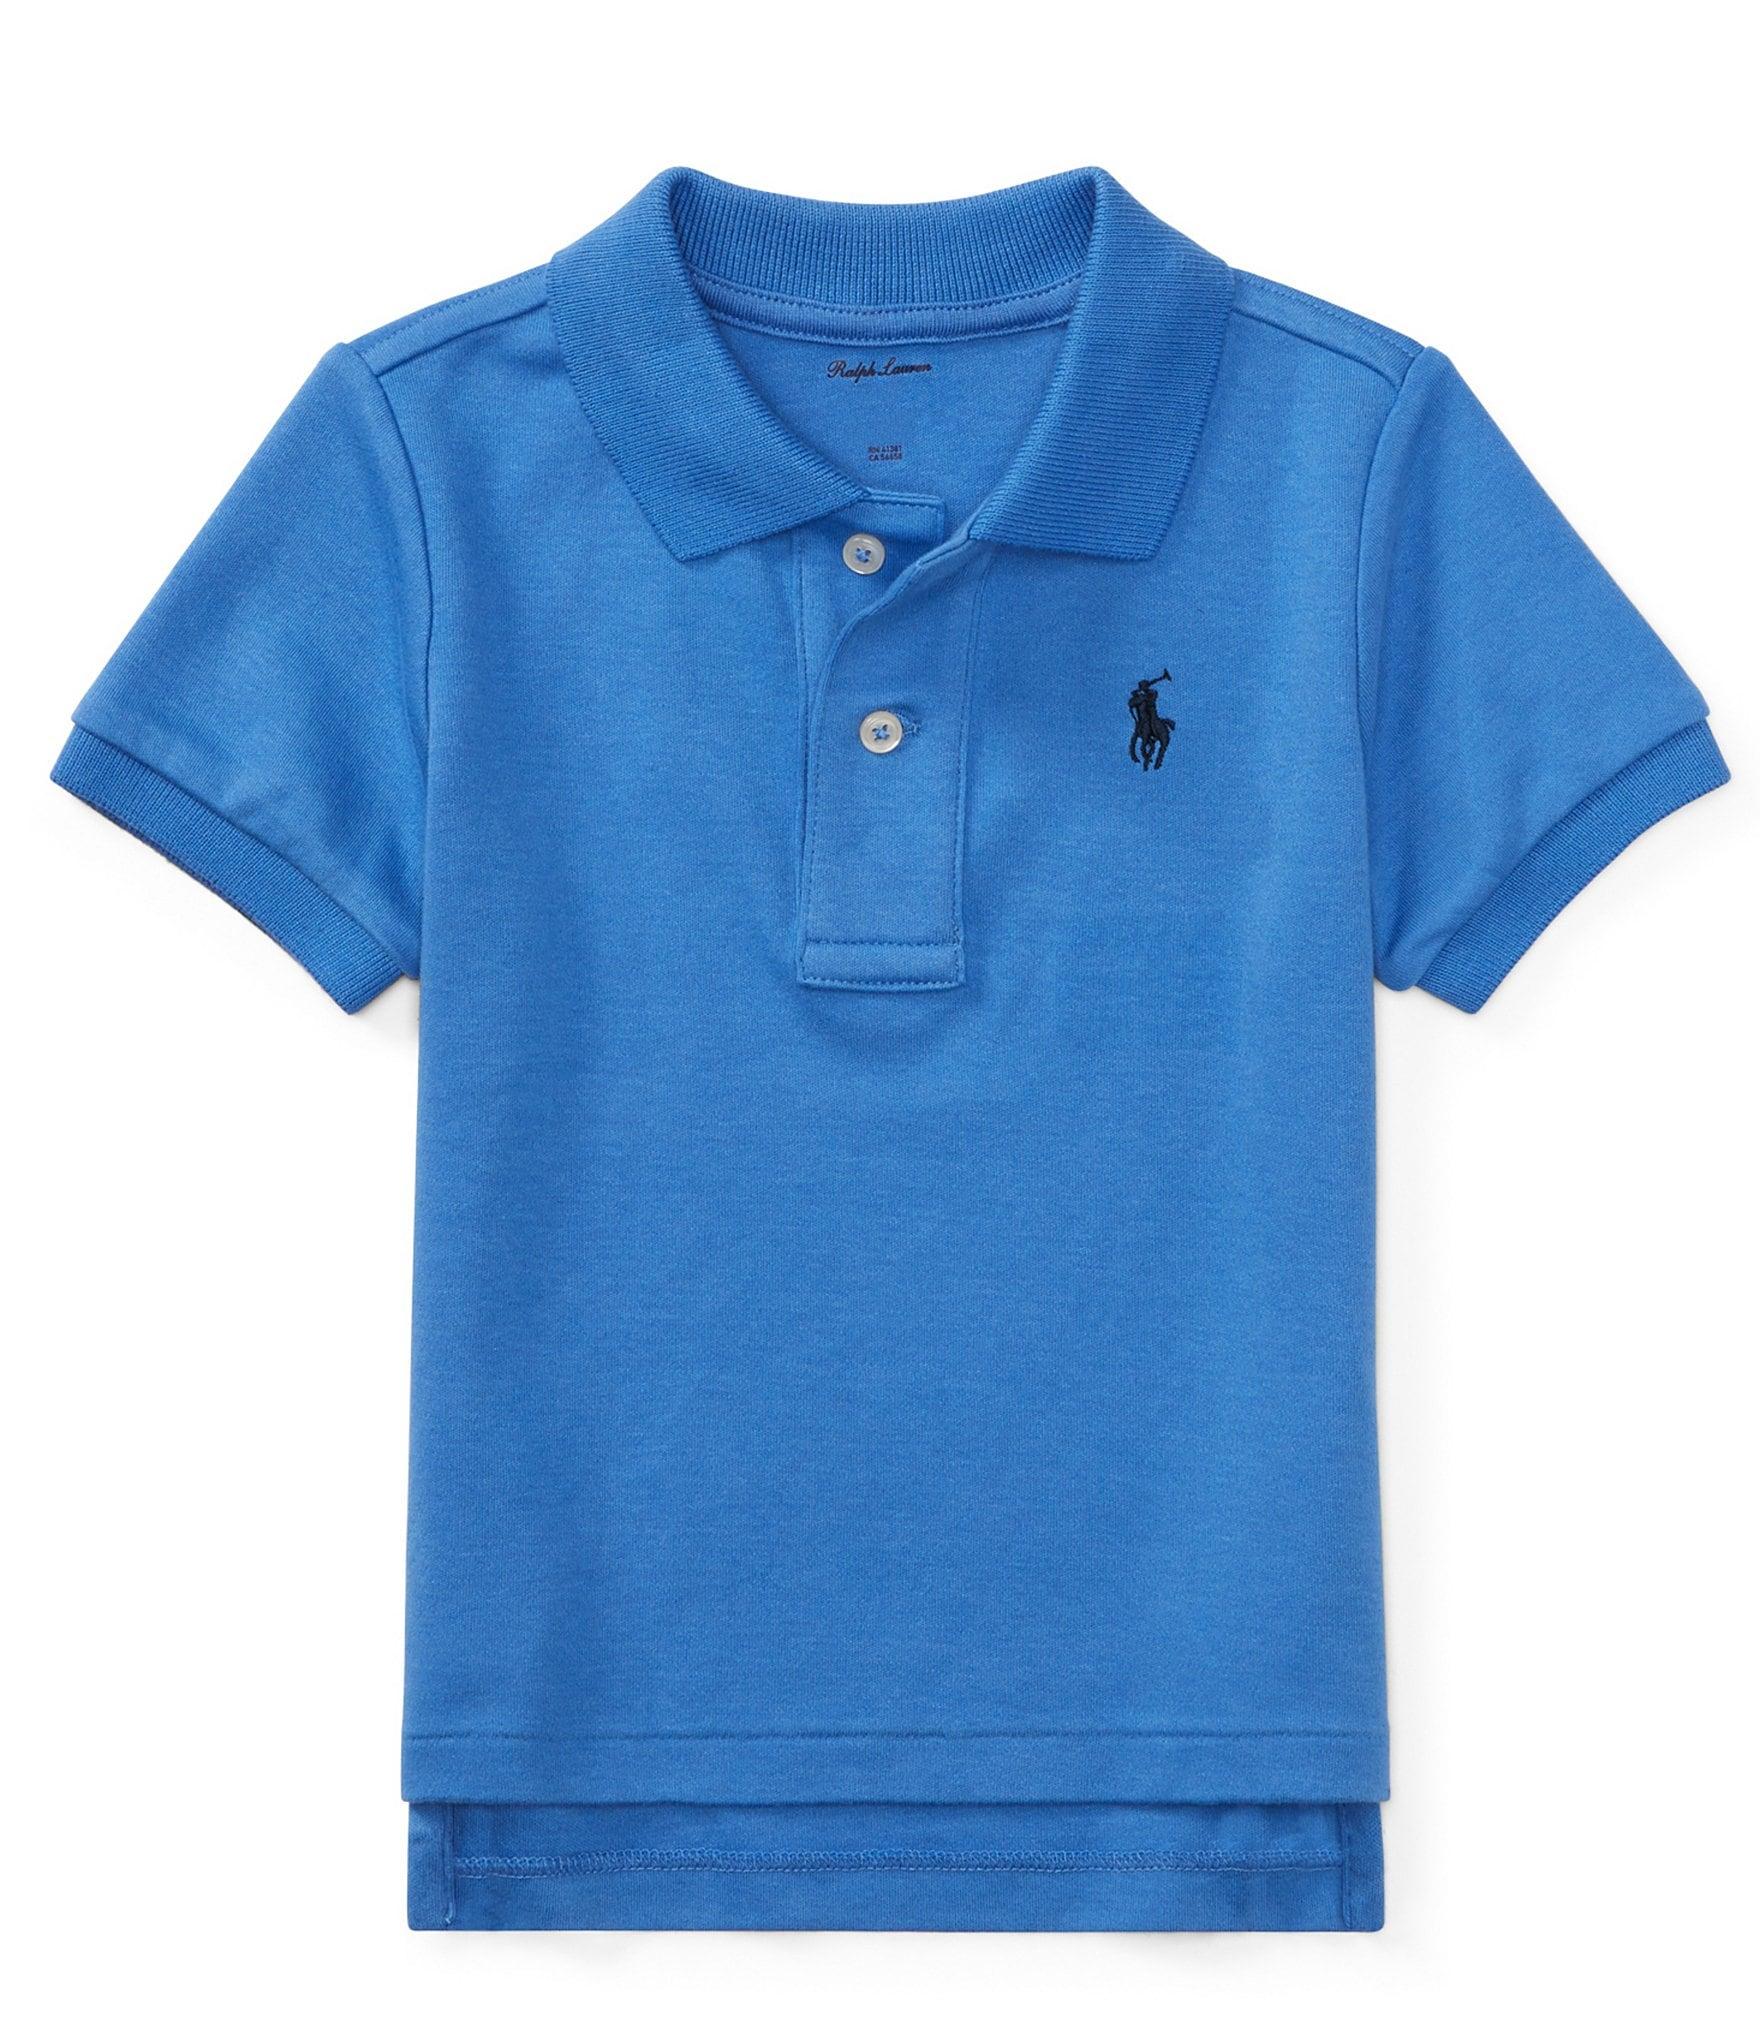 Ralph Lauren Childrenswear Baby Boys 3 24 Months Interlock